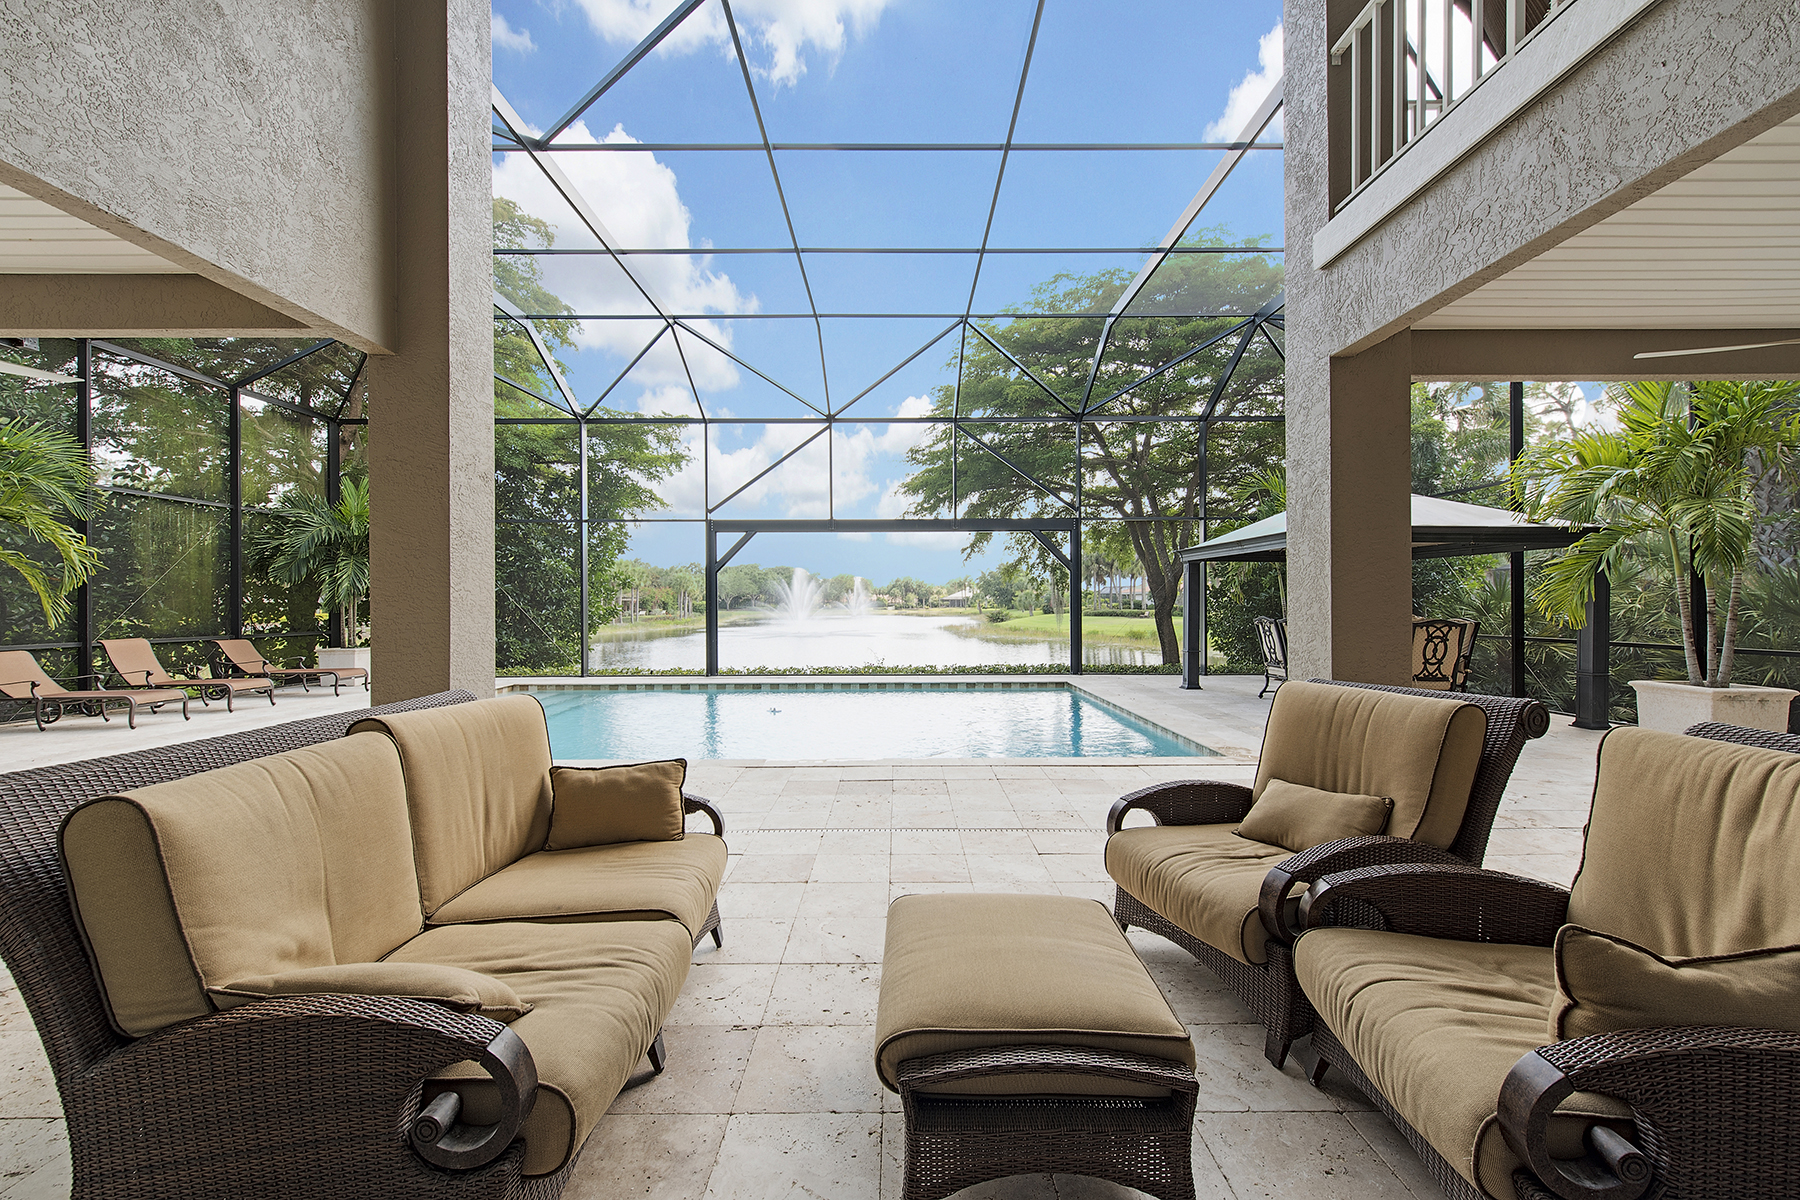 Villa per Vendita alle ore PELICAN LANDING - LONGLAKE 24560 Woodsage Dr Bonita Springs, Florida, 34134 Stati Uniti